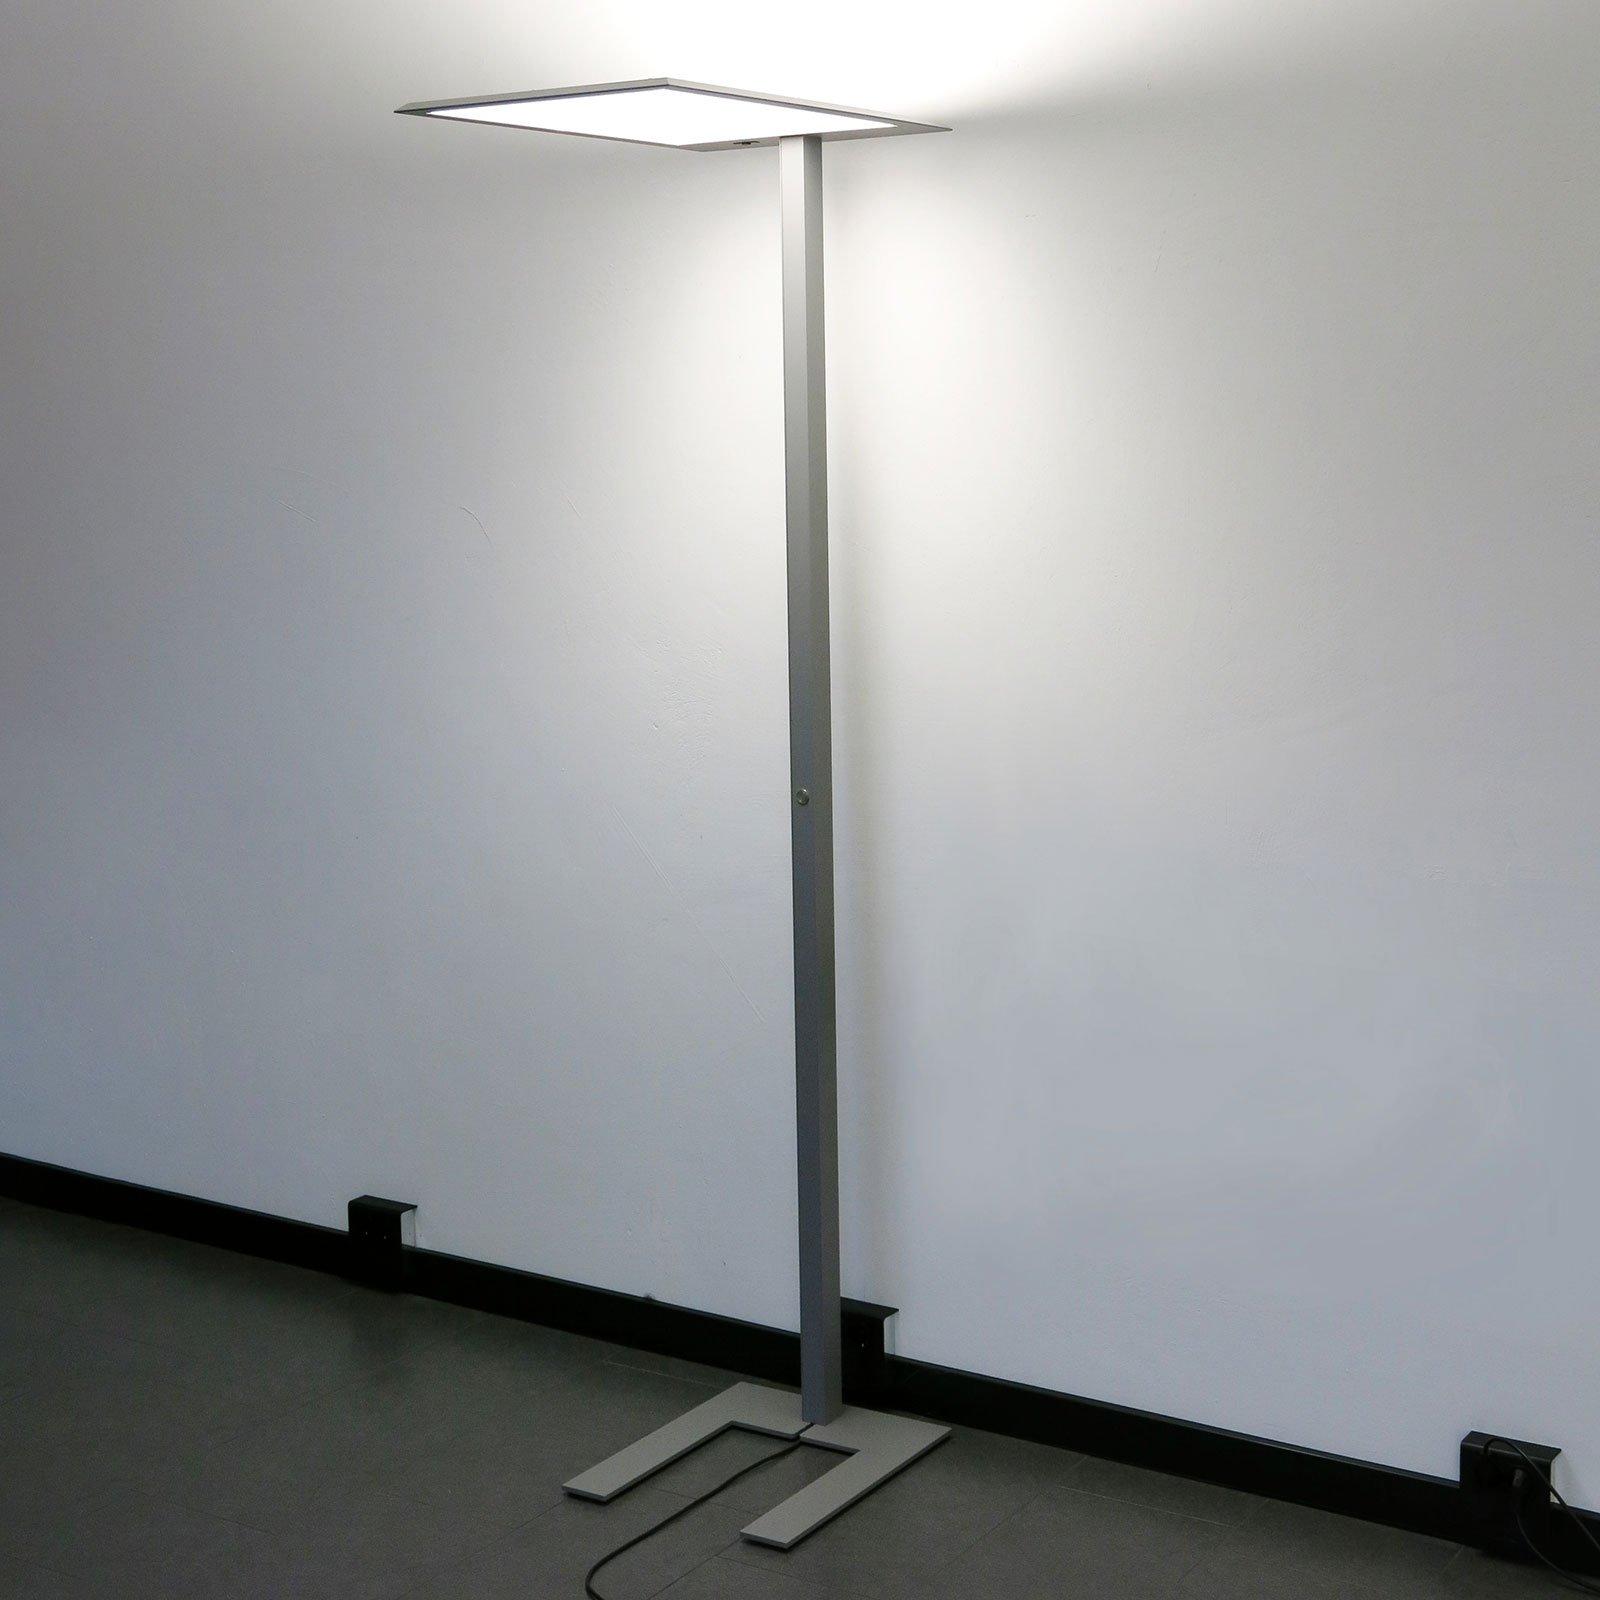 LEAS LED-gulvlampe, 203 cm, titan, sensor